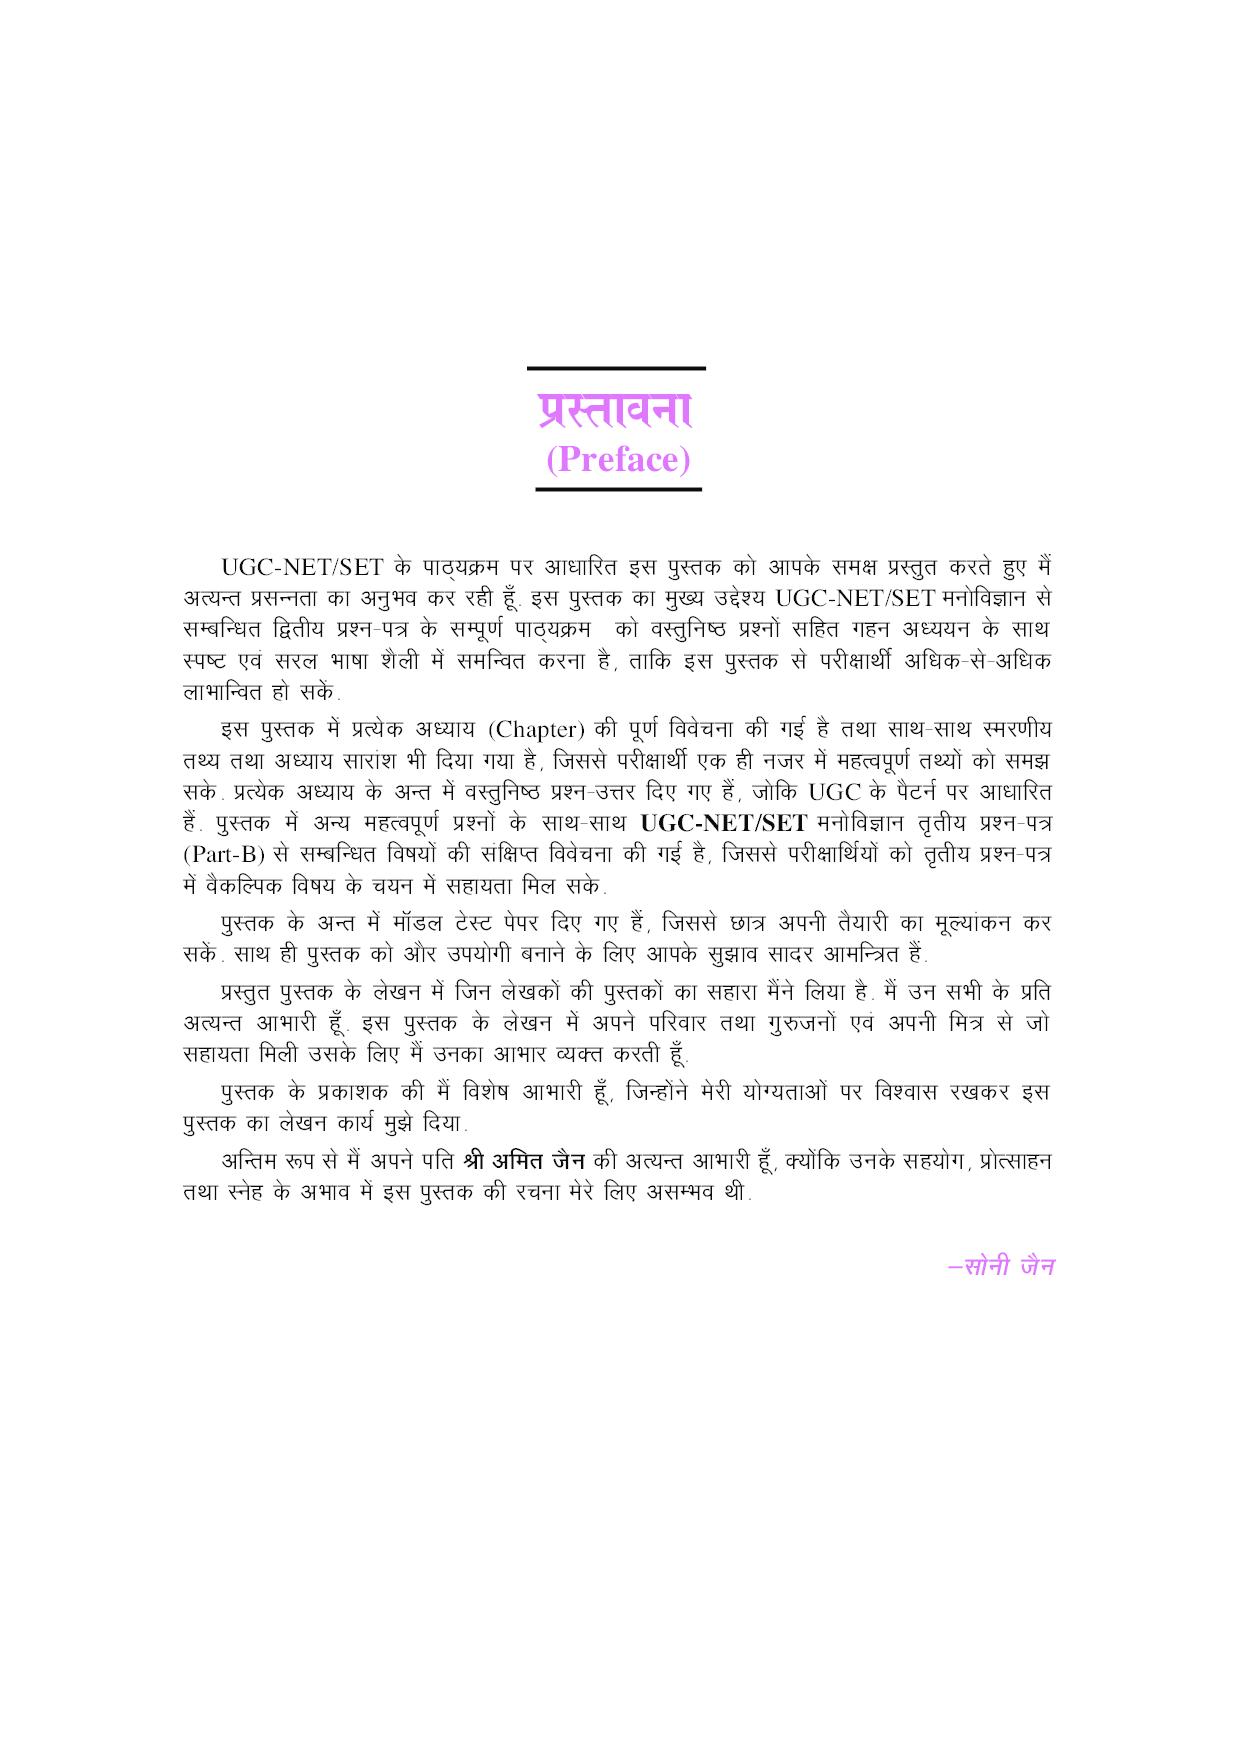 U.G.C.-NET/J.R.F./SET मनोविज्ञान (पेपर-II) - Page 5